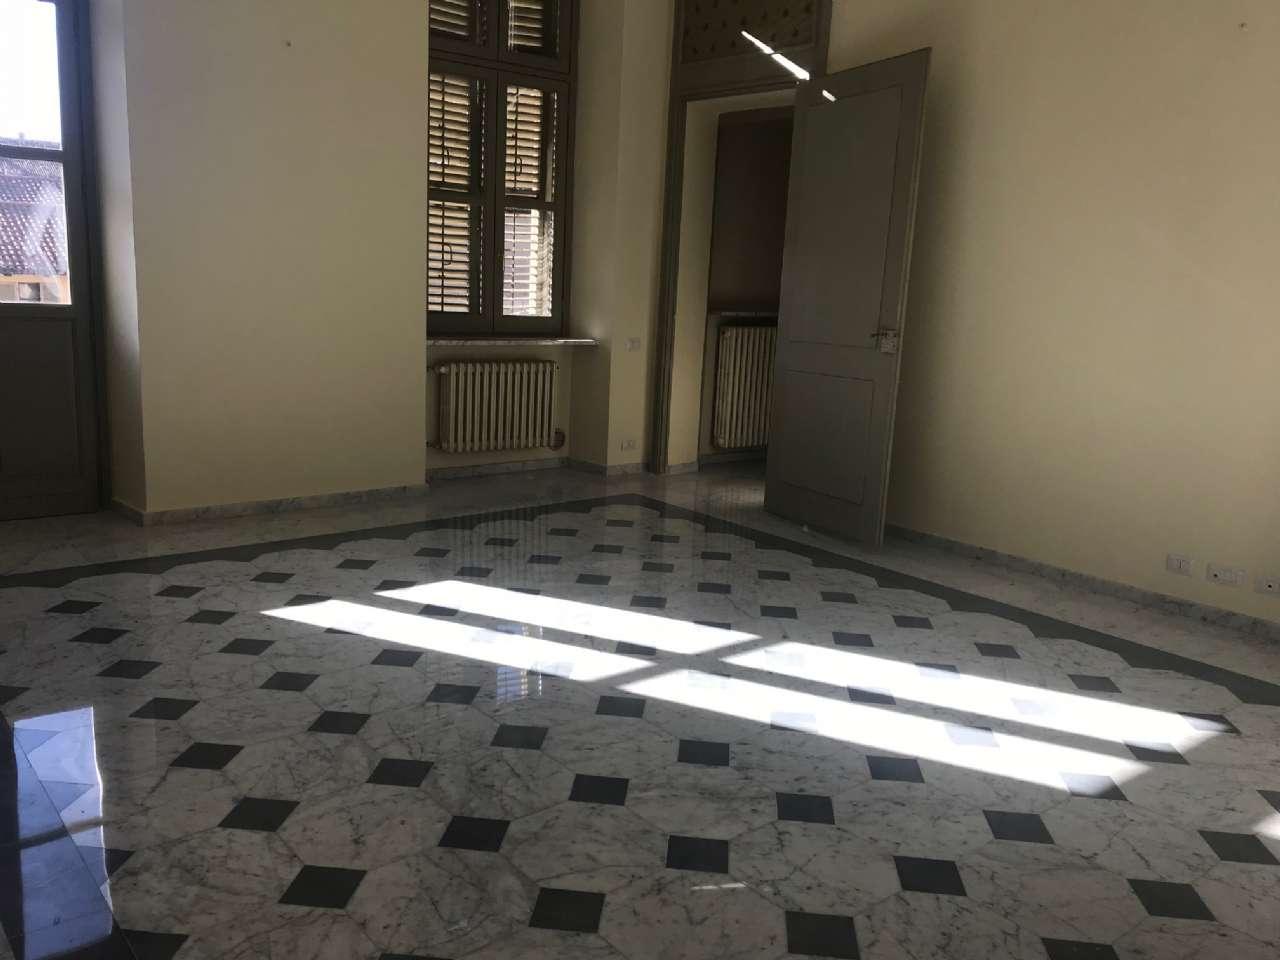 Ufficio / Studio in affitto a Bra, 3 locali, prezzo € 800 | CambioCasa.it